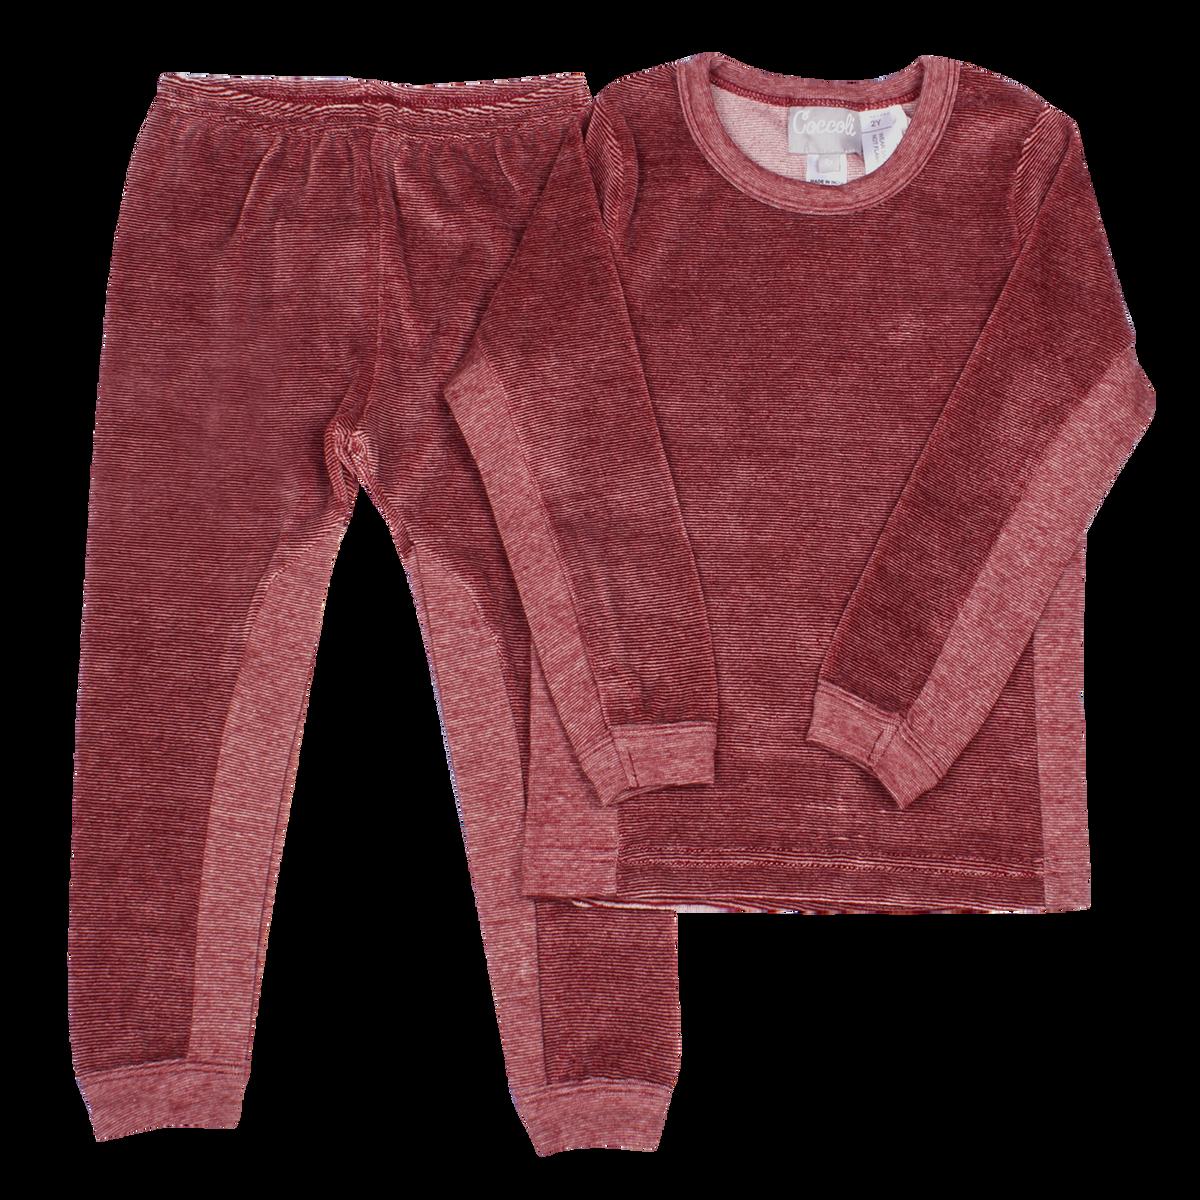 Coccoli | Pyjamas | 2y-12y | TLV4904-162